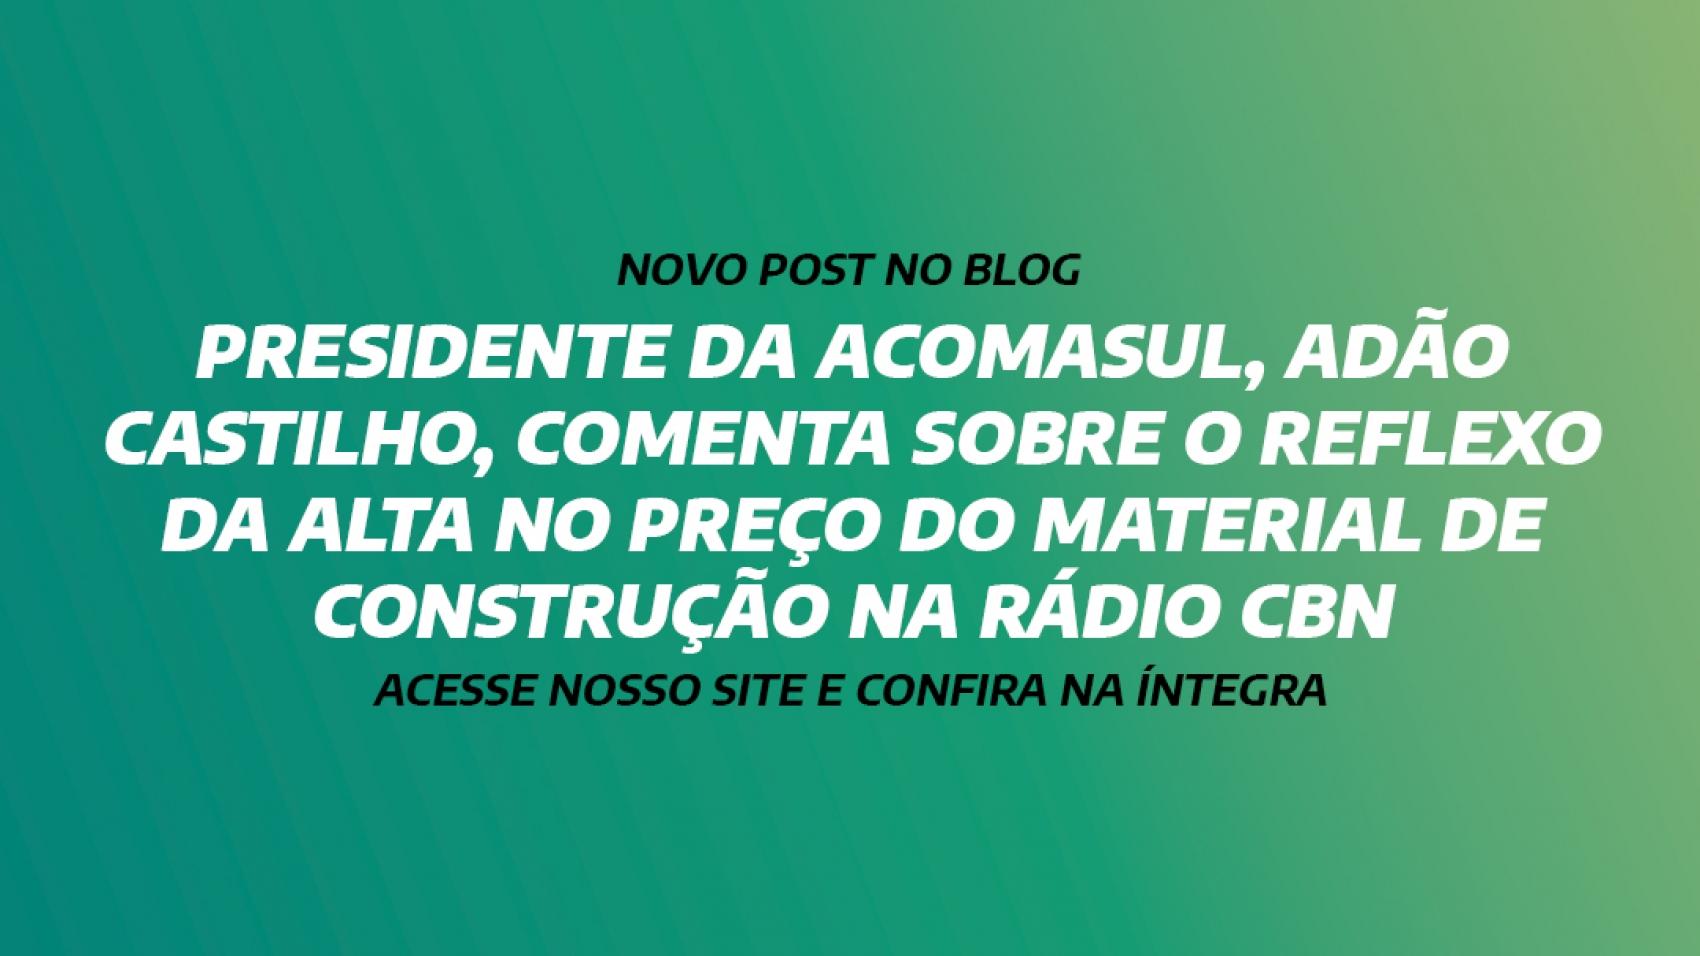 PRESIDENTE DA ACOMASUL, ADÃO CASTILHO, COMENTA SOBRE O REFLEXO DA ALTA NO PREÇO DO MATERIAL DE CONSTRUÇÃO NA RÁDIO CBN